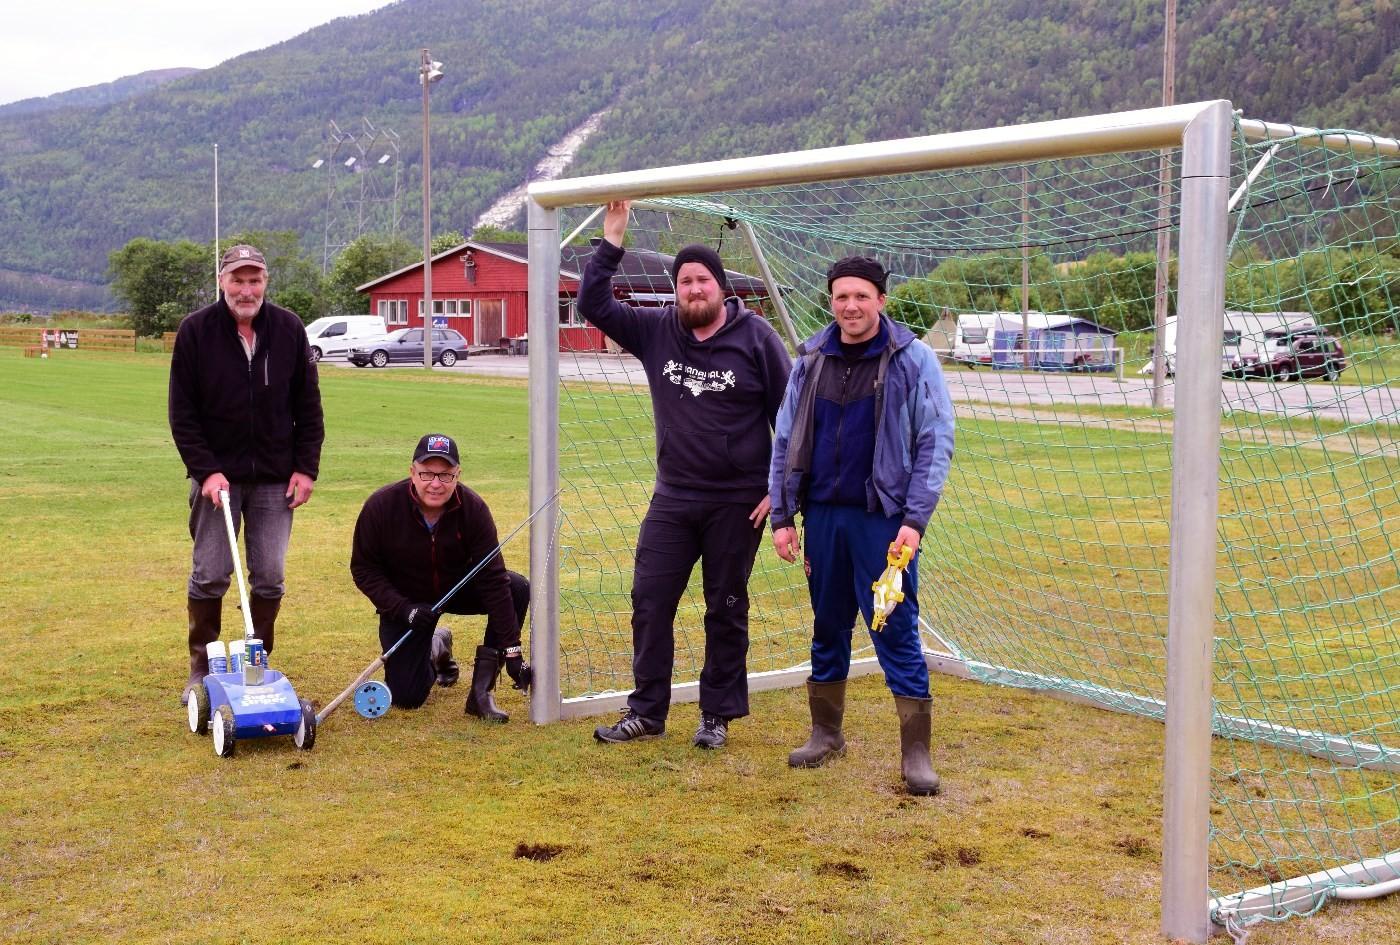 Banemerking fredag ettermiddag - frå venstre Nils Øyen, Terje Nordvik, Espen Husby og Håvard Halset.   foto: Jon Olav Ørsal